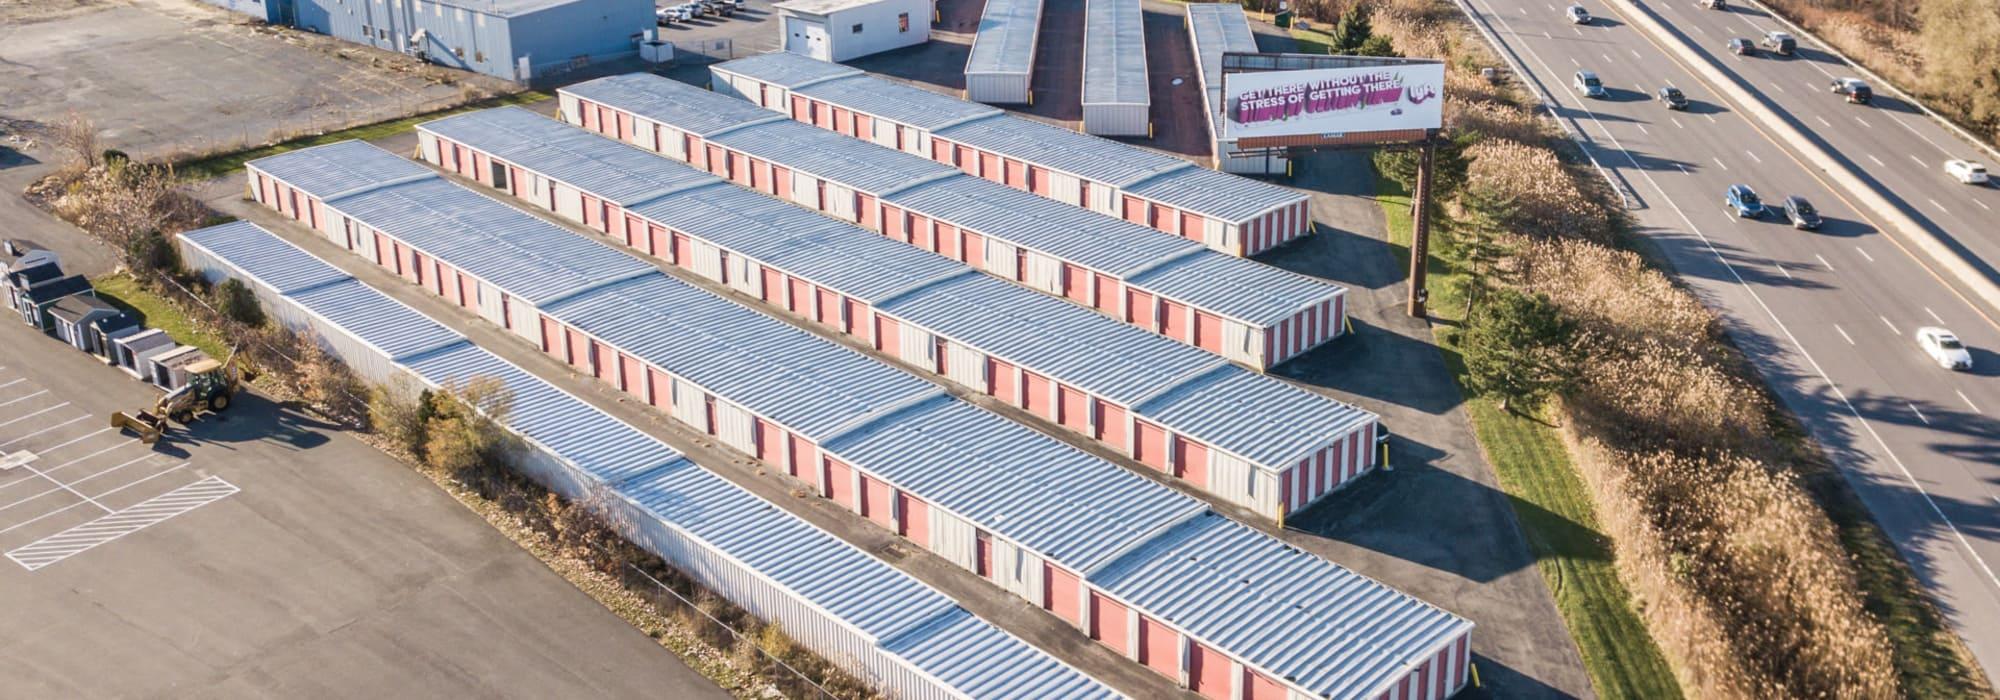 Prime Storage in Albany, NY